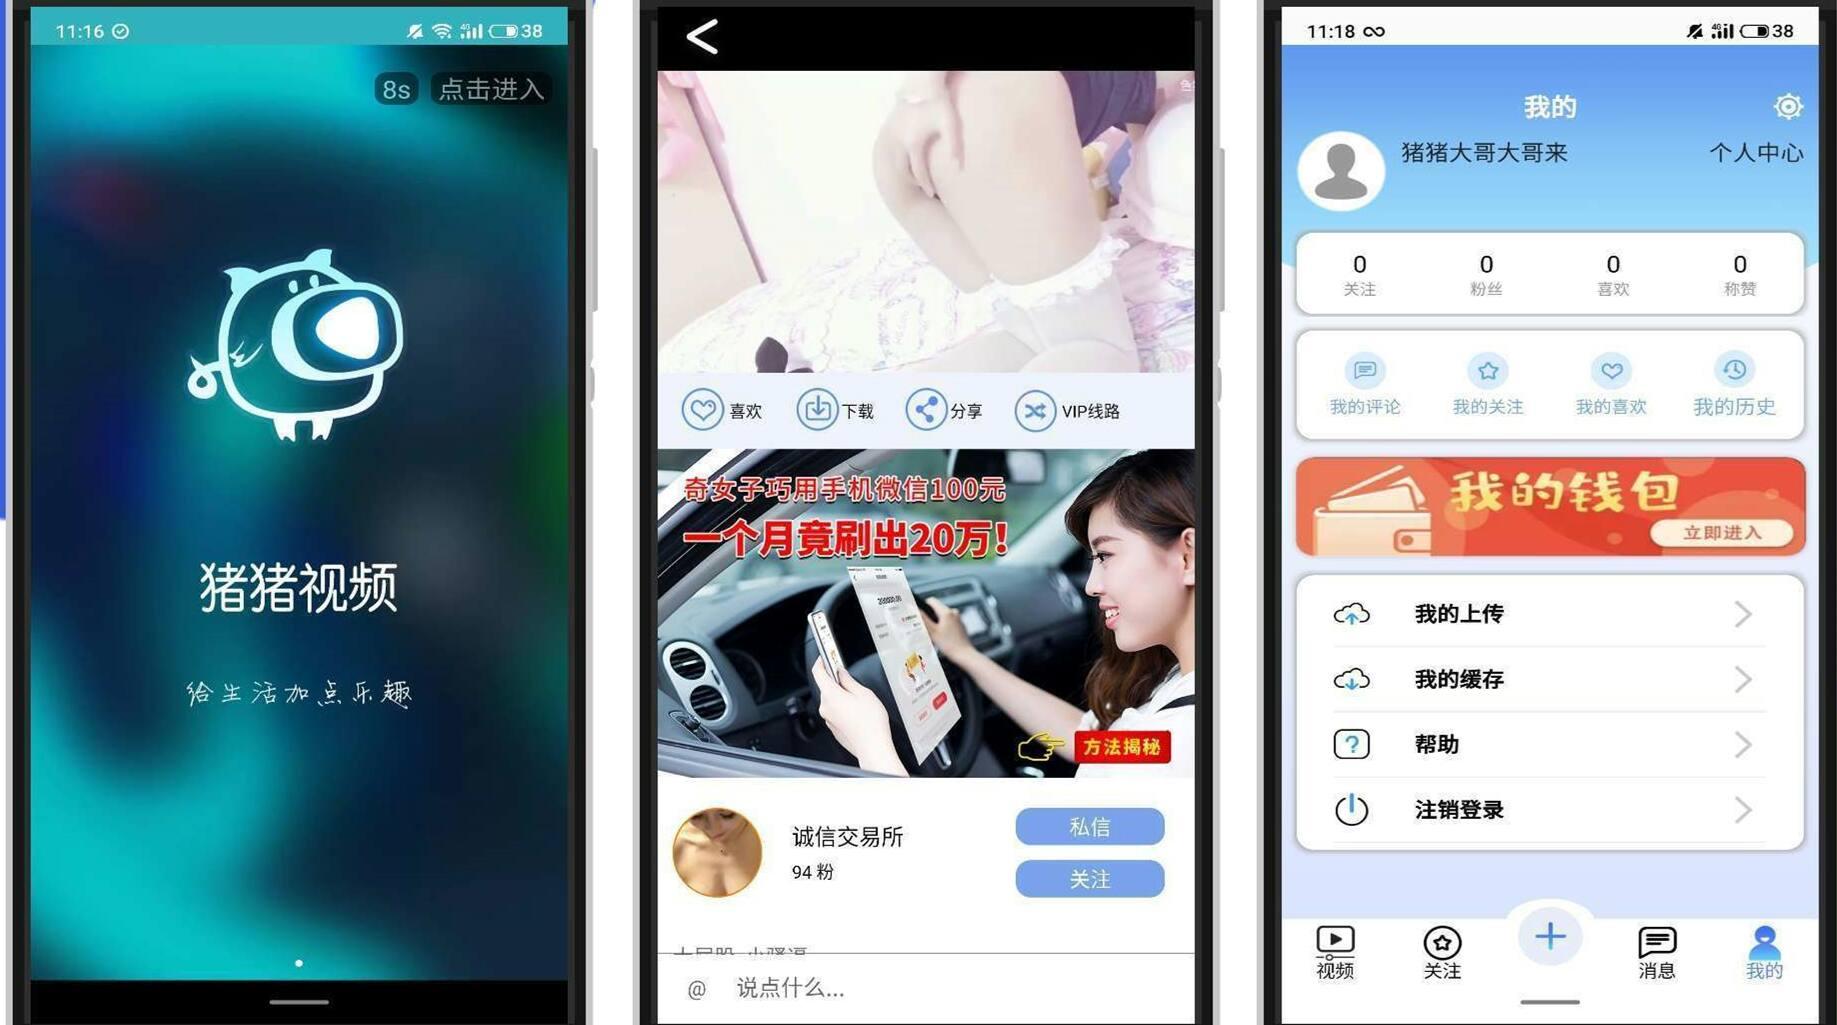 「猪猪视频」1.0.61.秋名山车神_免费高清视频-第1张图片-小冰资源网